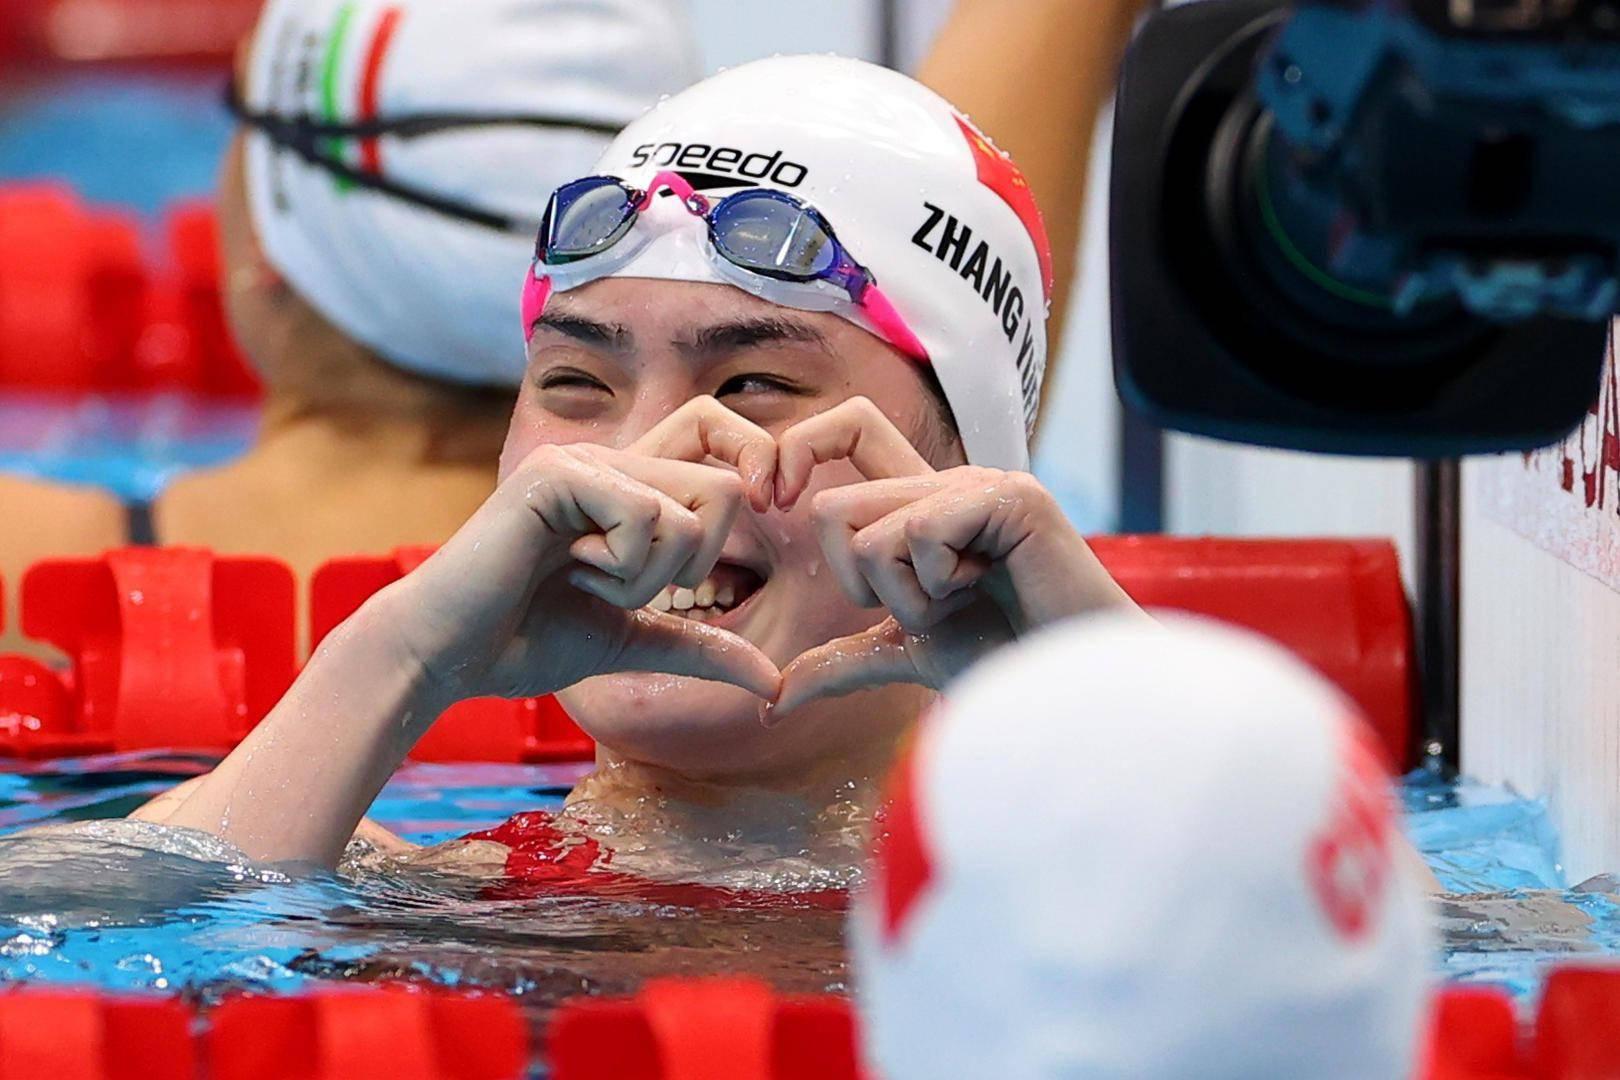 张雨霏摘下迟到的金牌:爱笑又努力的小姐姐,运气都不会差